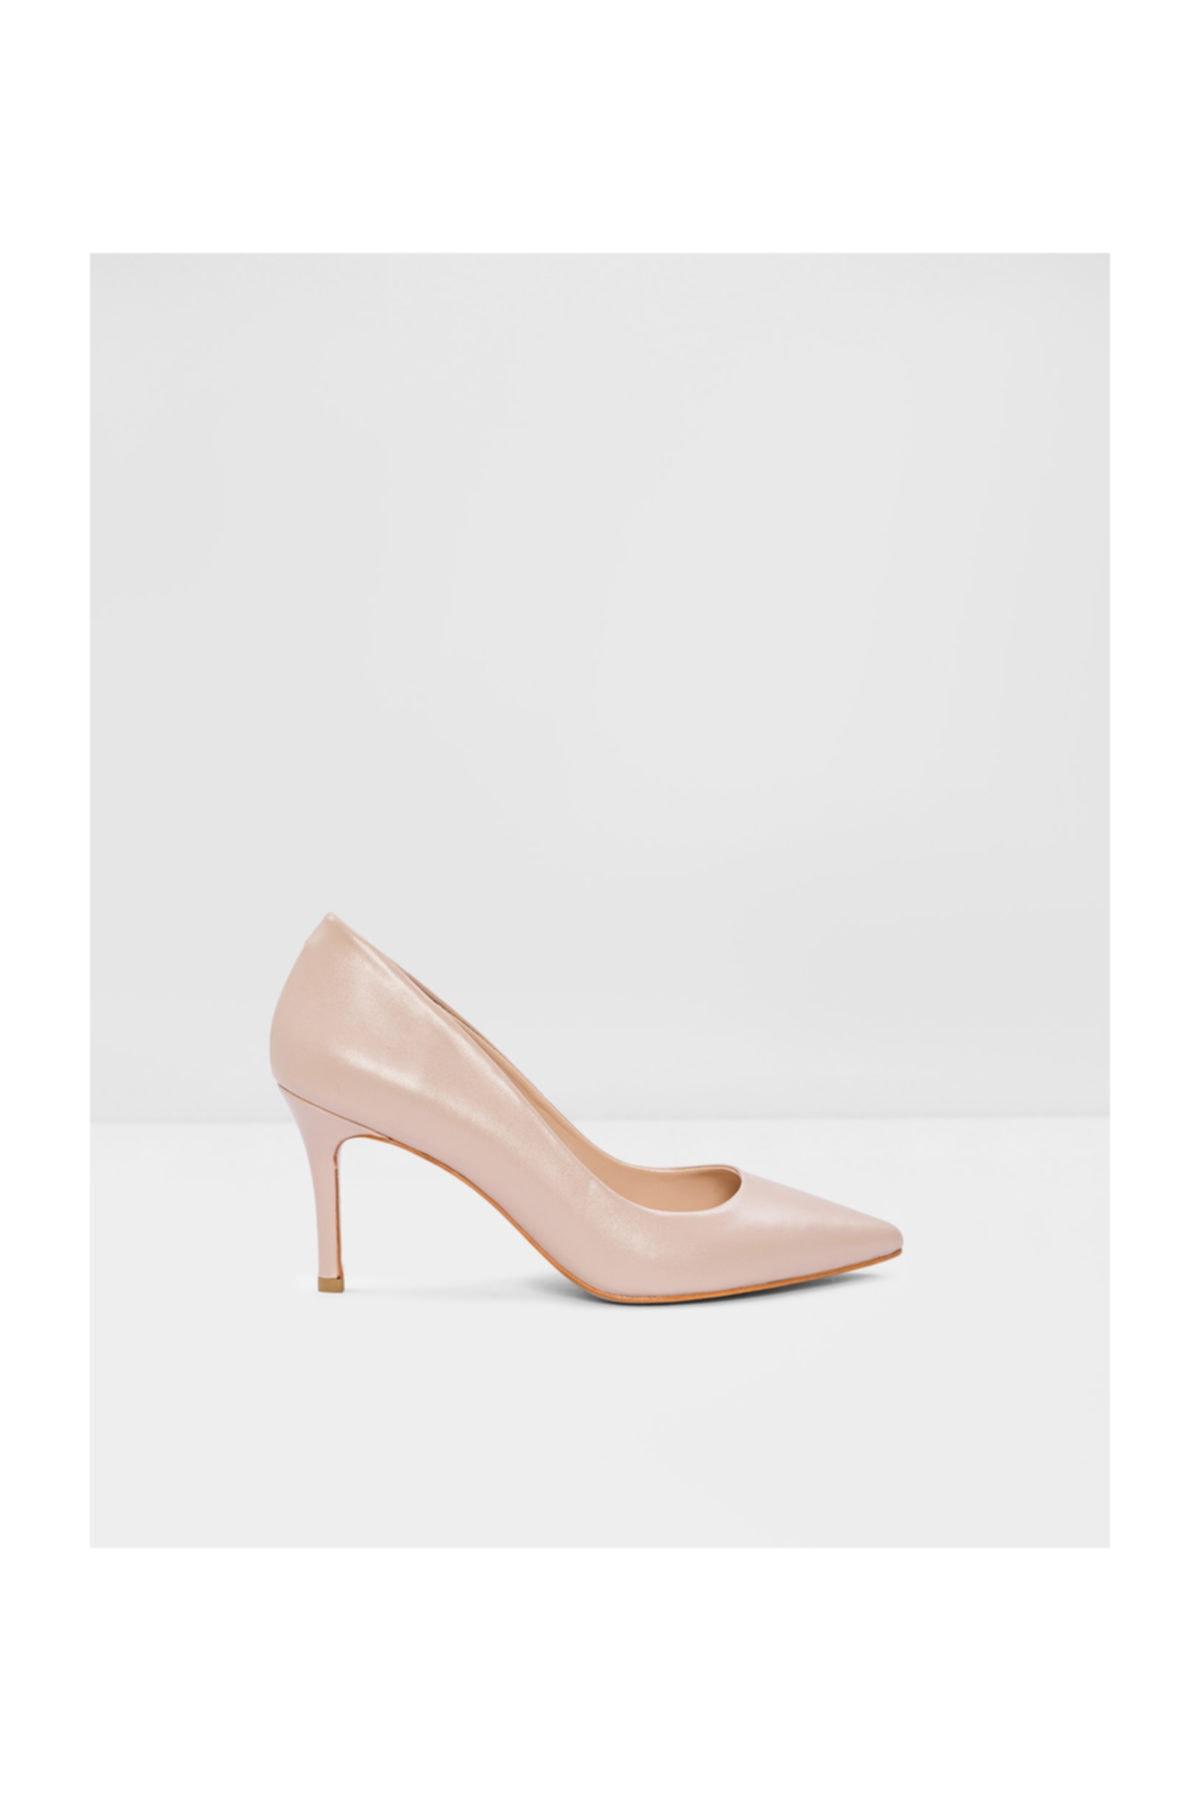 Aldo Kadın Naturel Hakiki Deri Klasik Topuklu Ayakkabı 111592 2